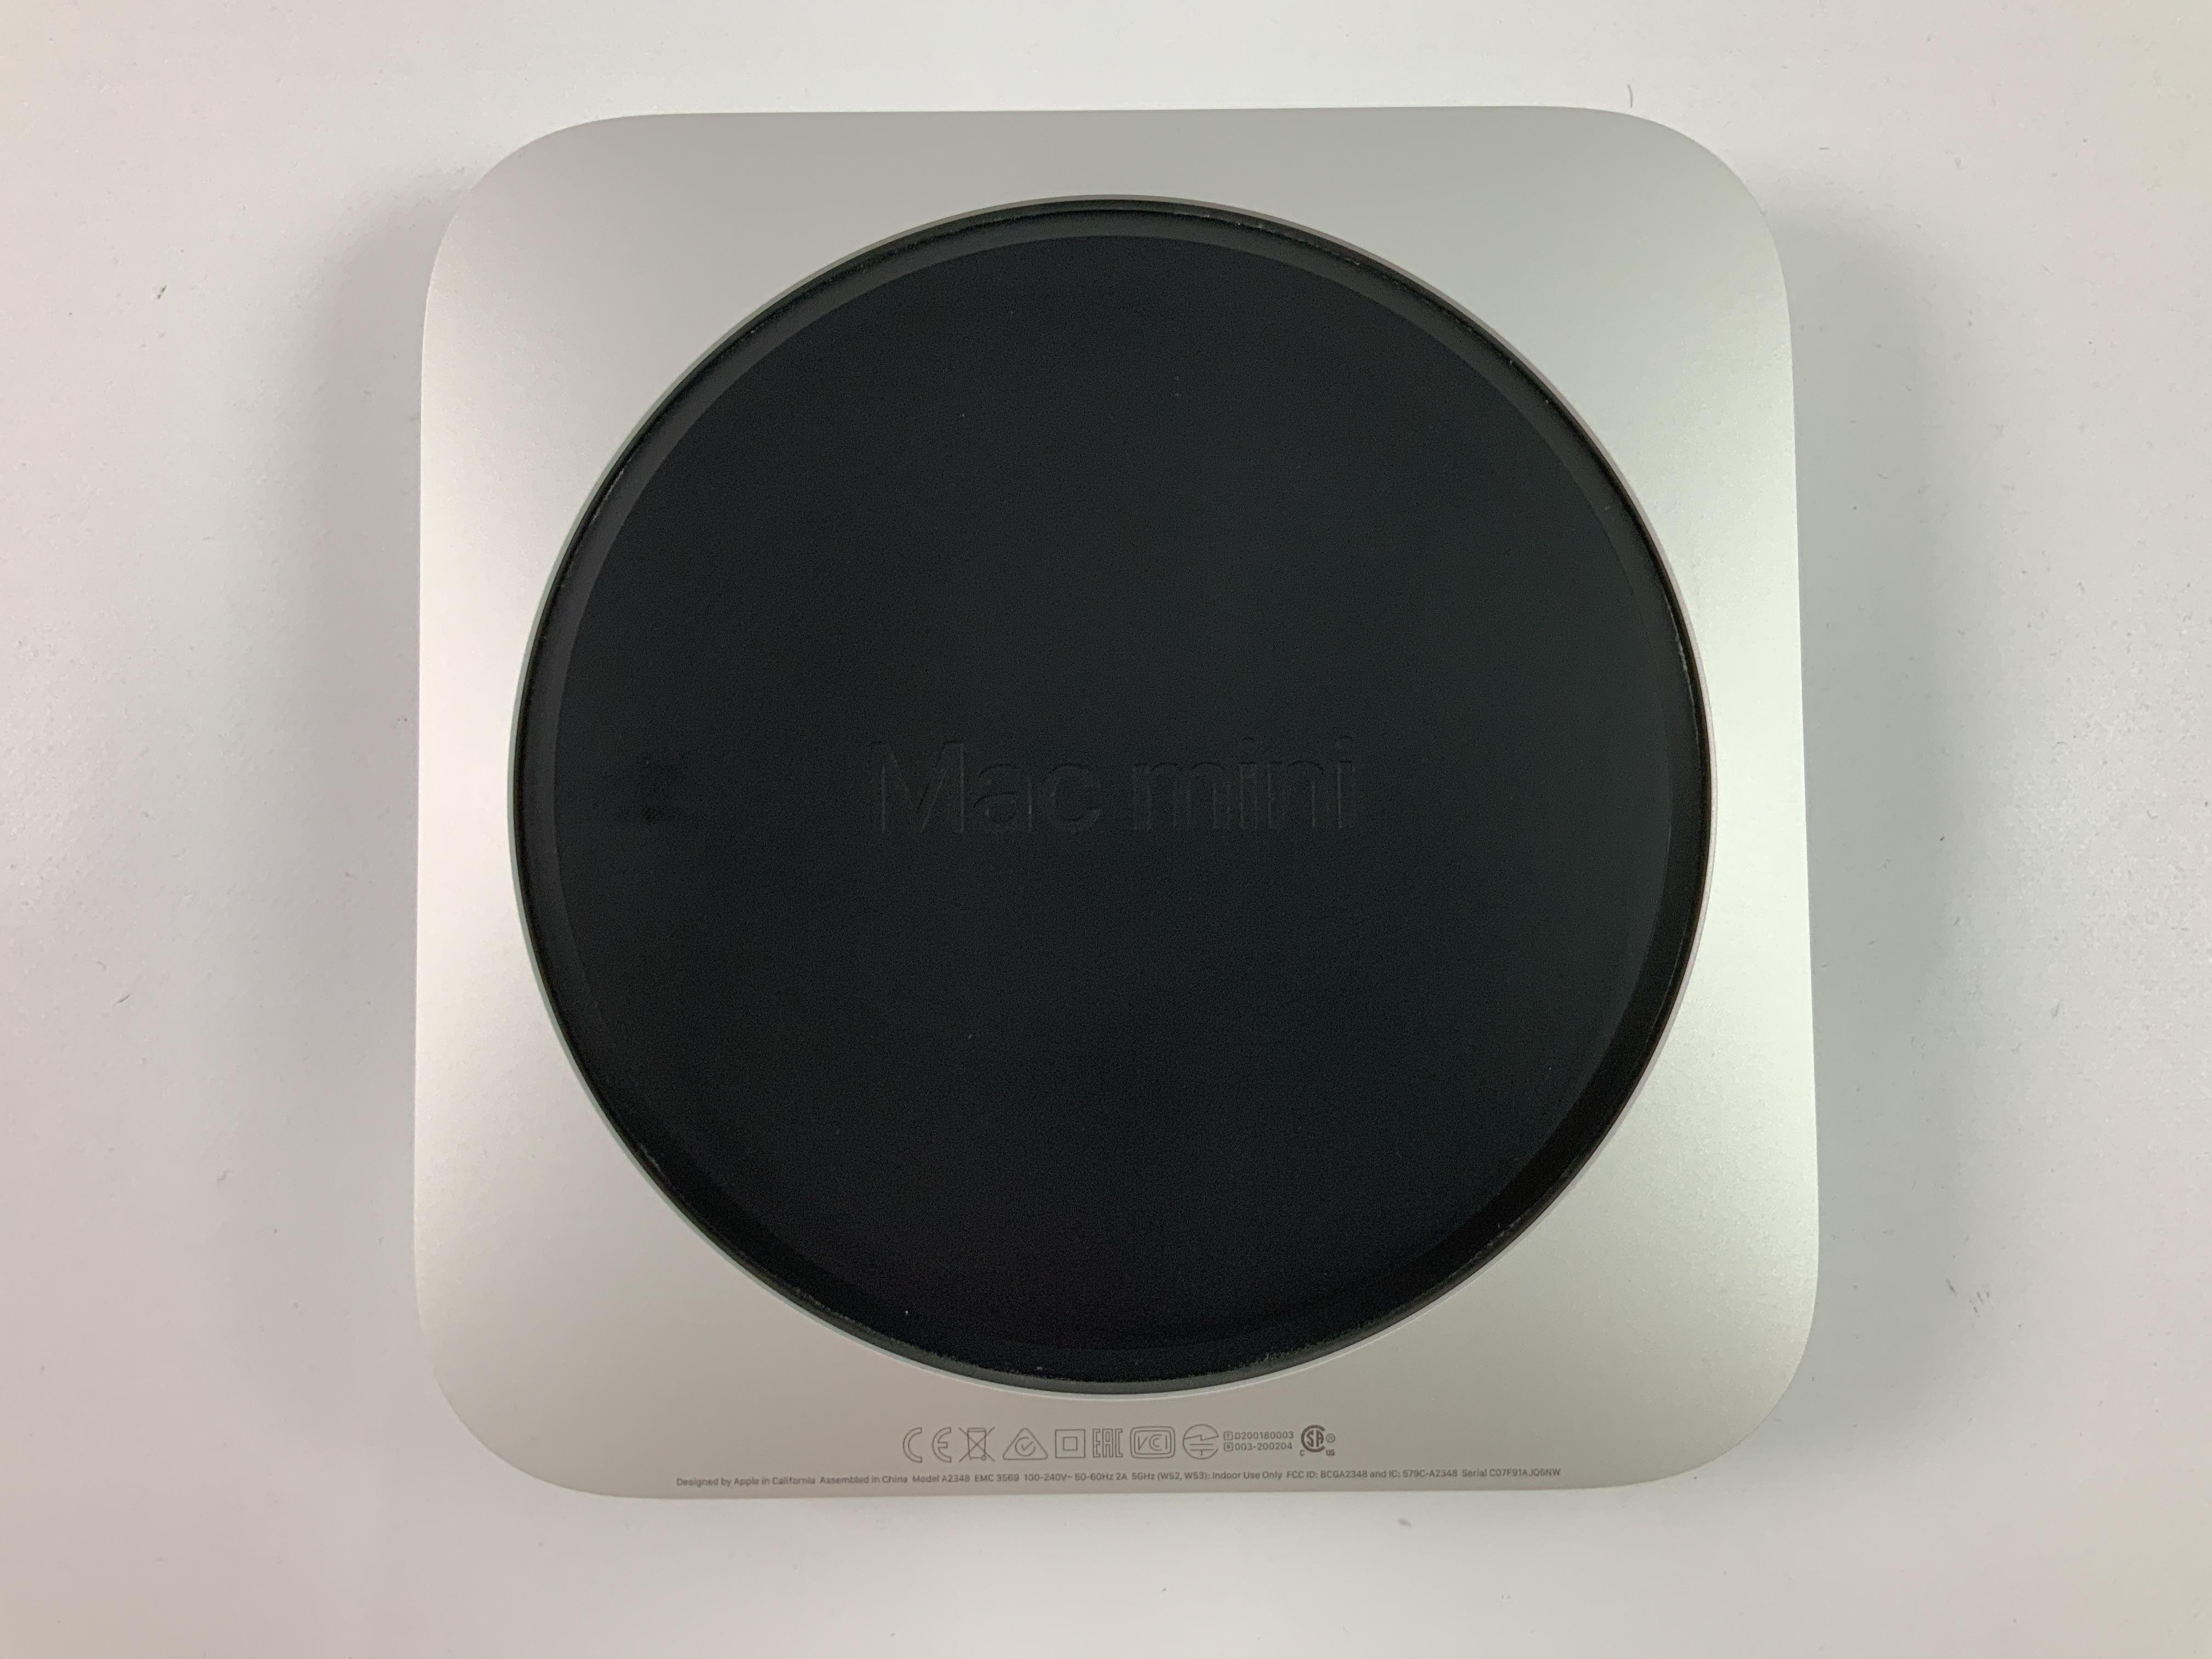 Mac Mini M1 2020 (Apple M1 3.2 GHz 8 GB RAM 512 GB SSD), Apple M1 3.2 GHz, 8 GB RAM, 512 GB SSD, imagen 3